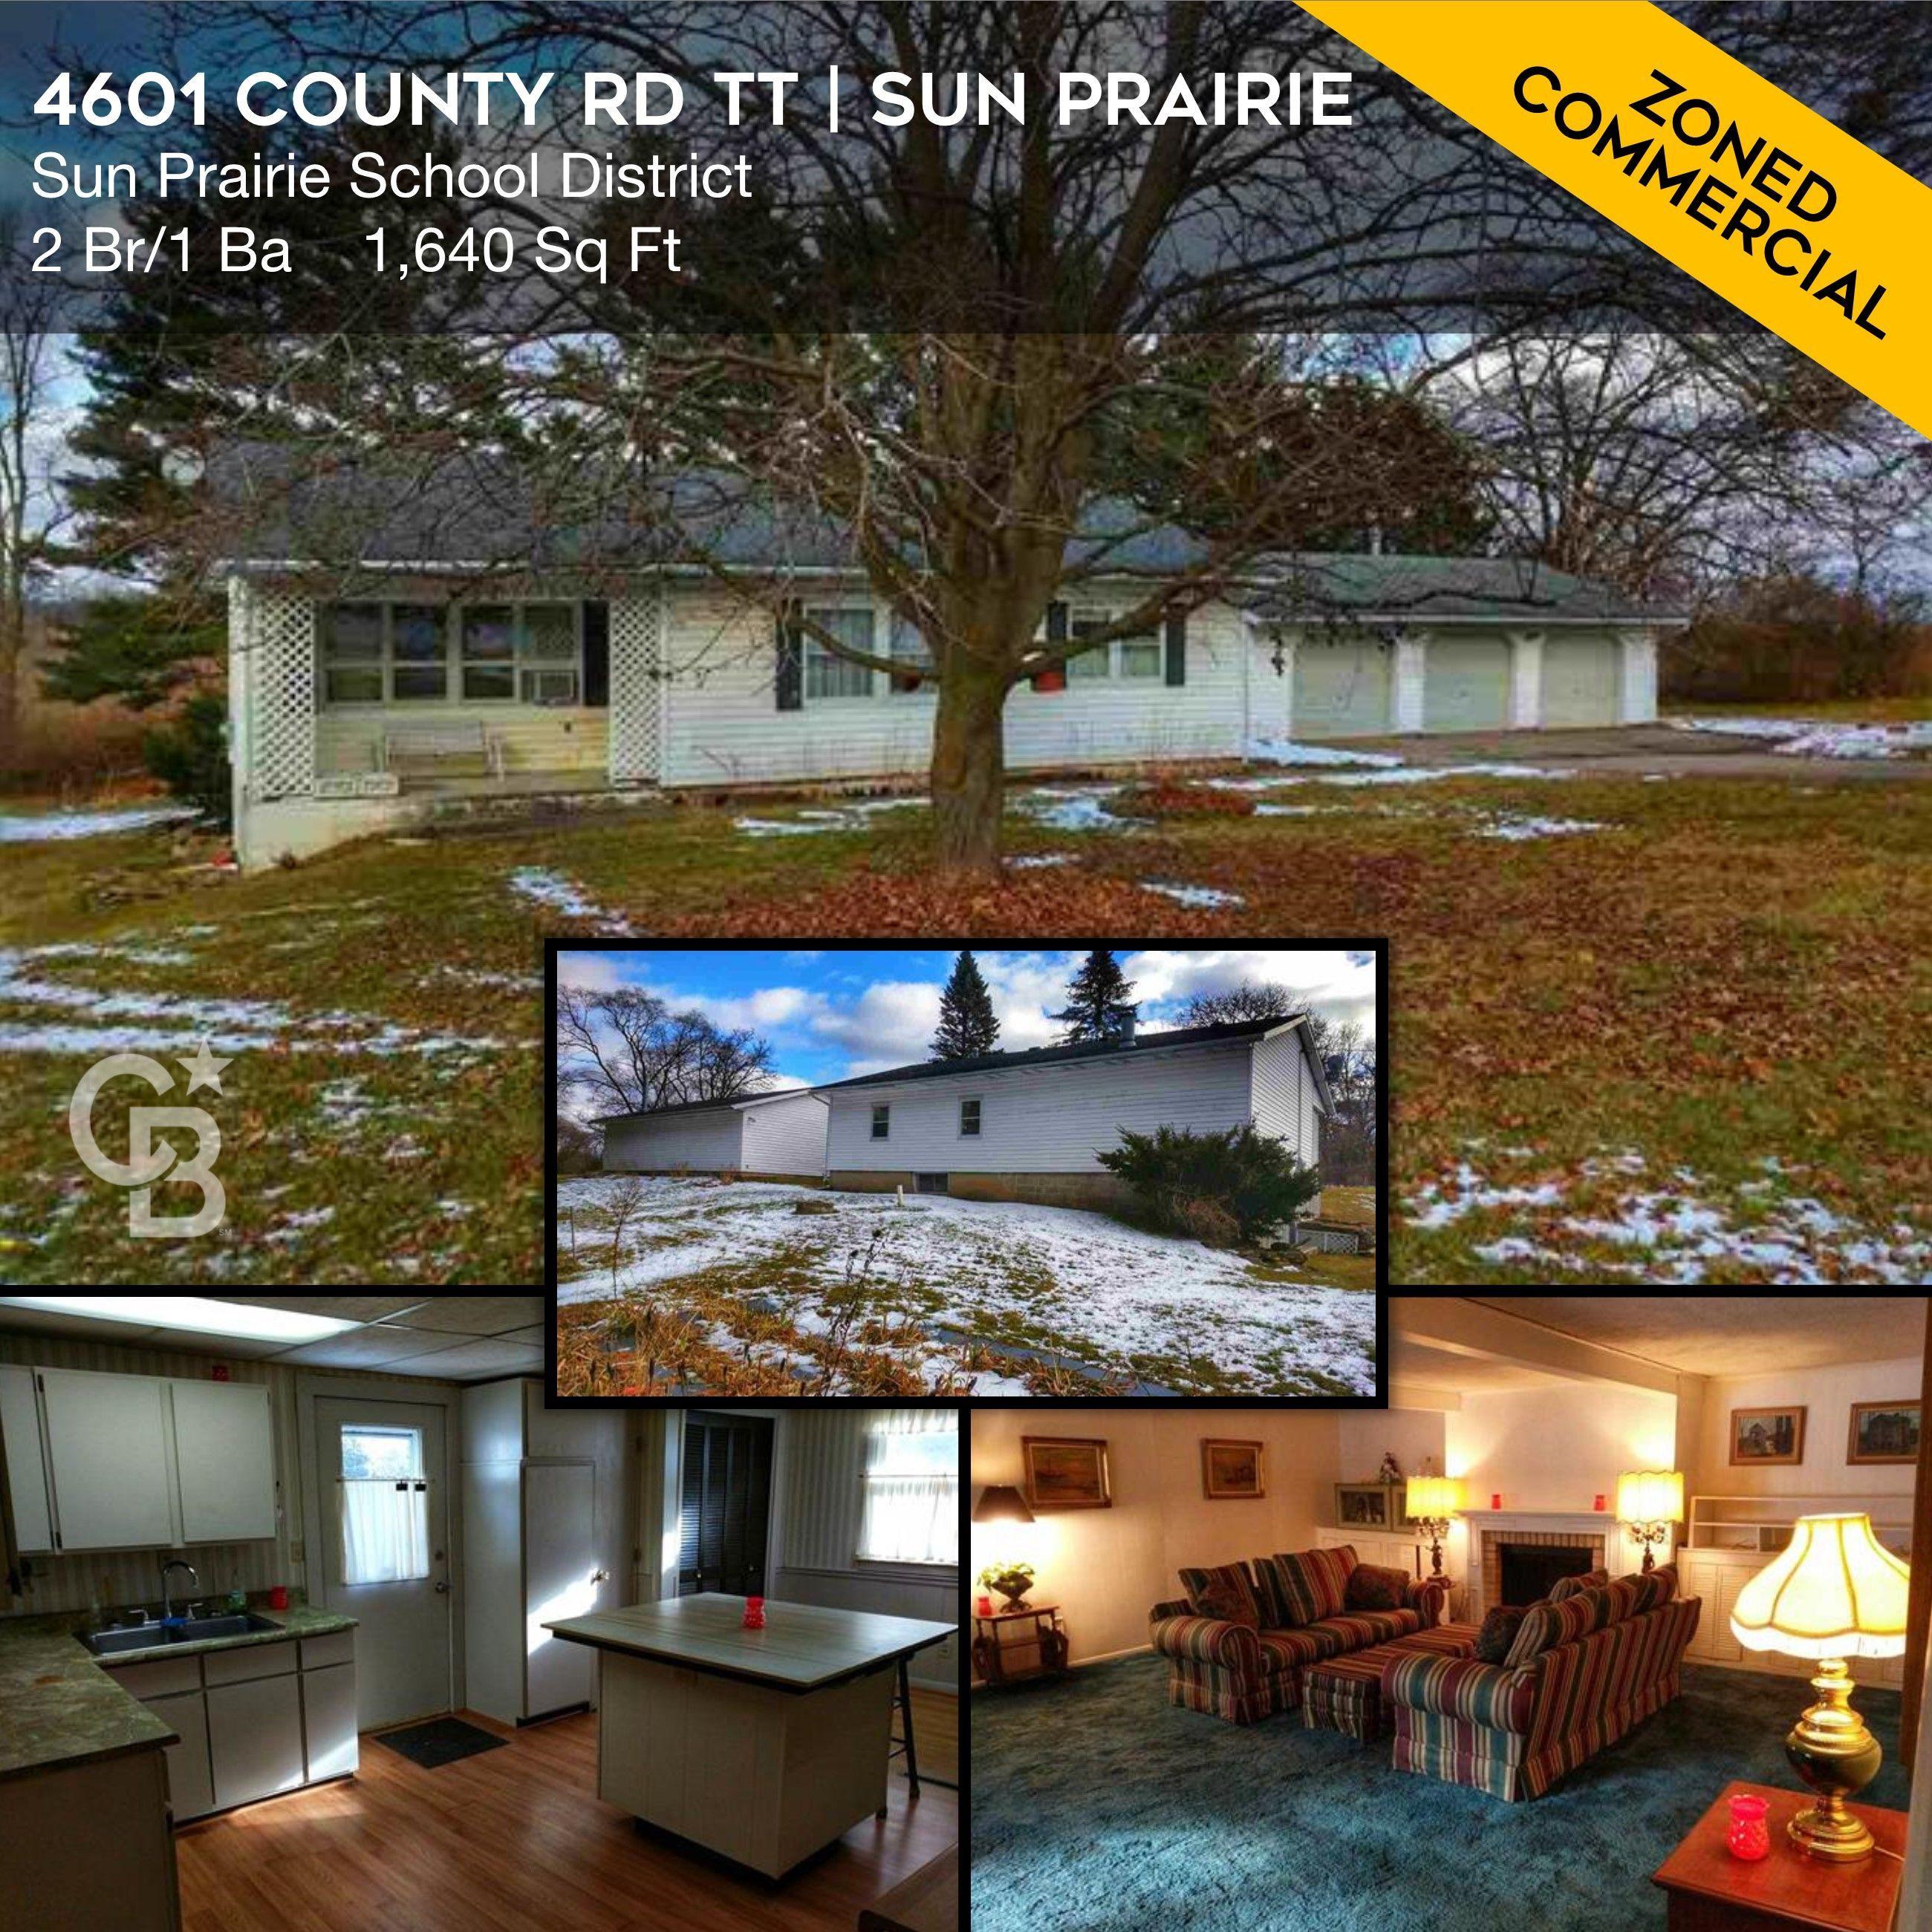 4601 co rd tt sun prairie wi ranch style home ranch